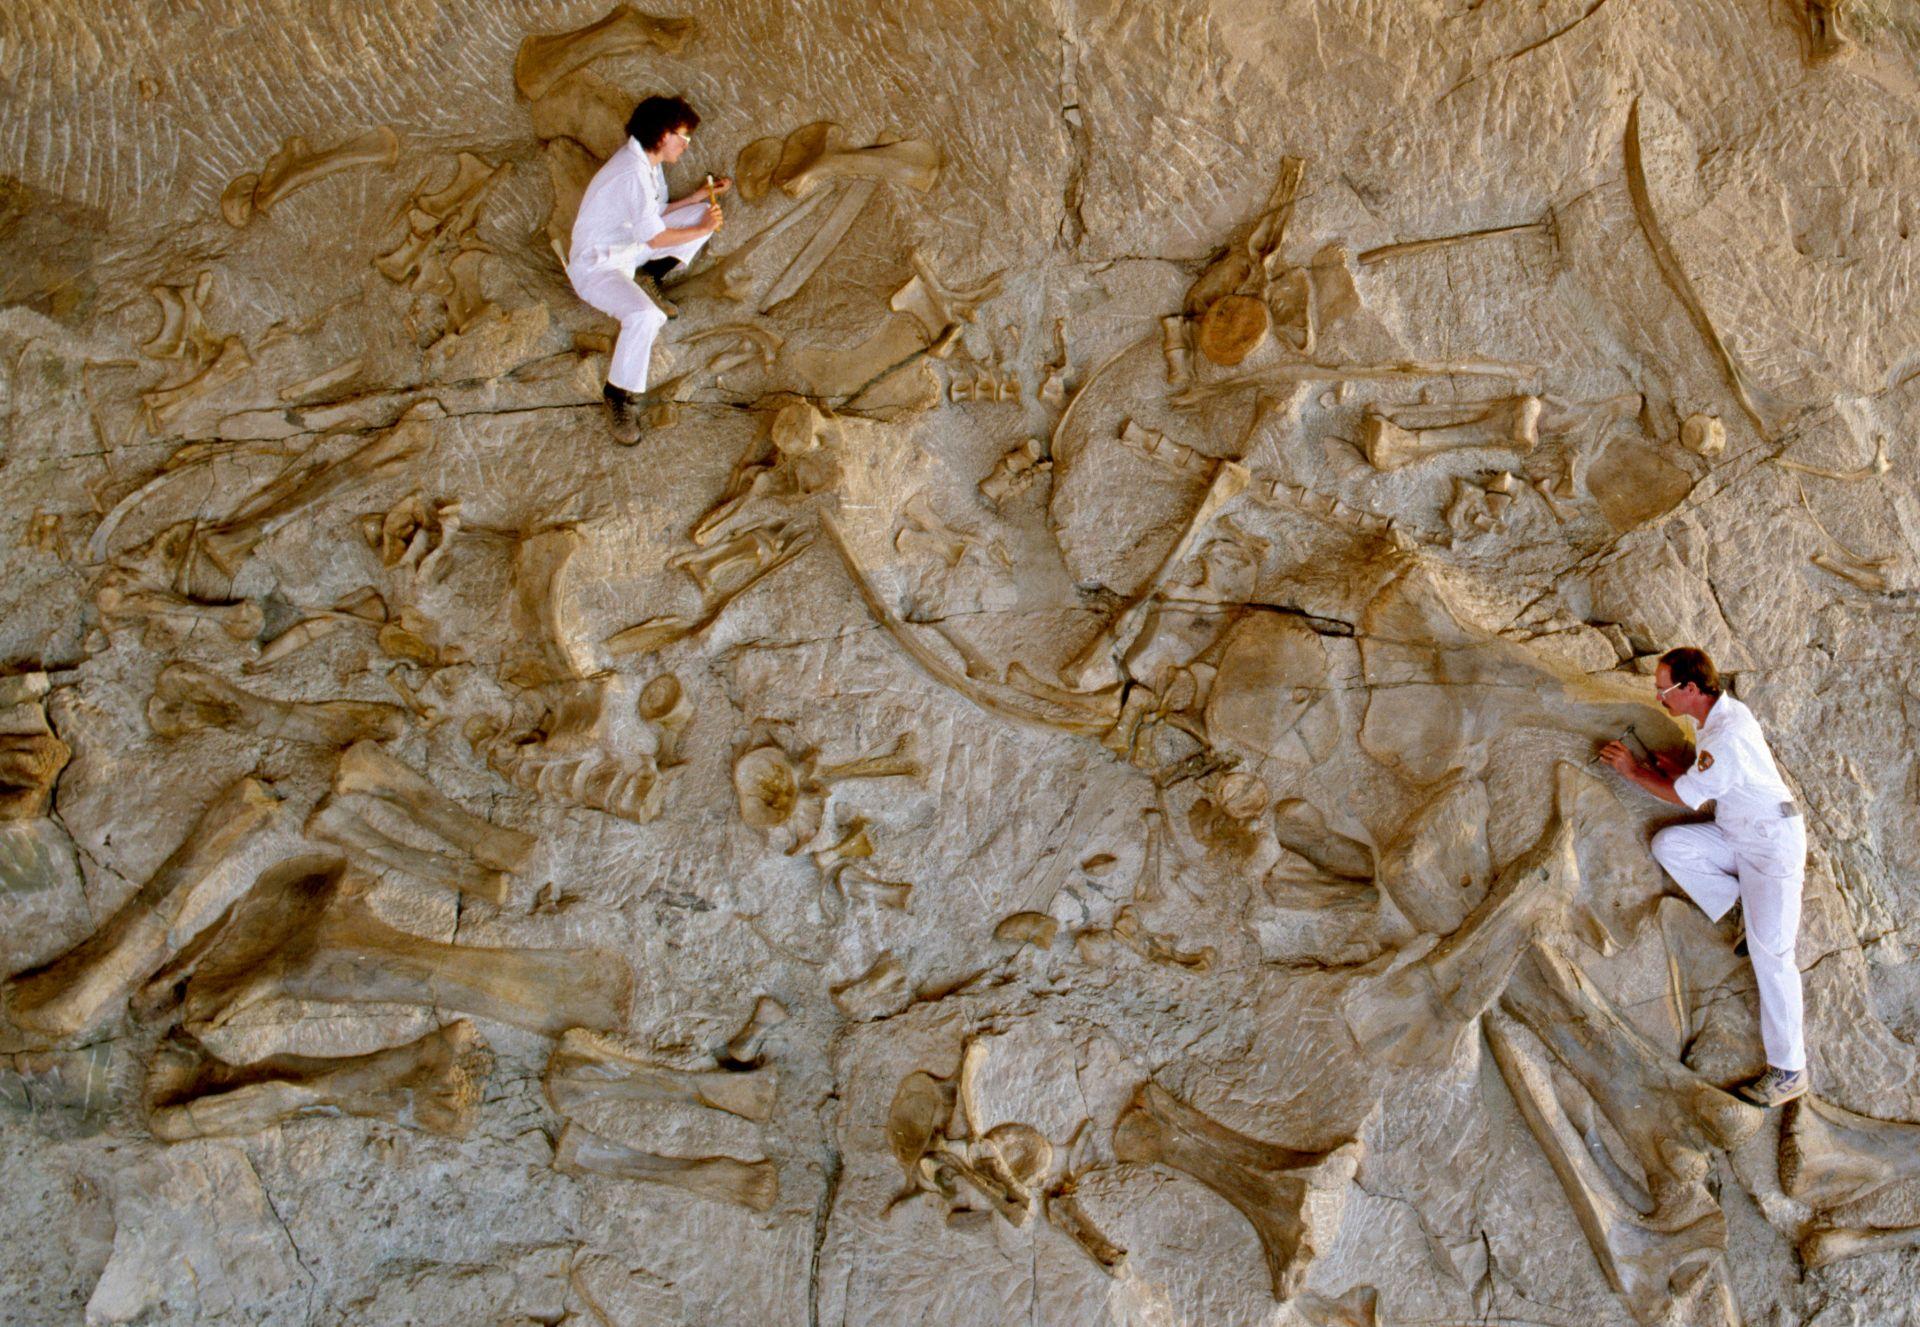 Dig This Dinosaur Fossils Unit Study - Brain Power Boy